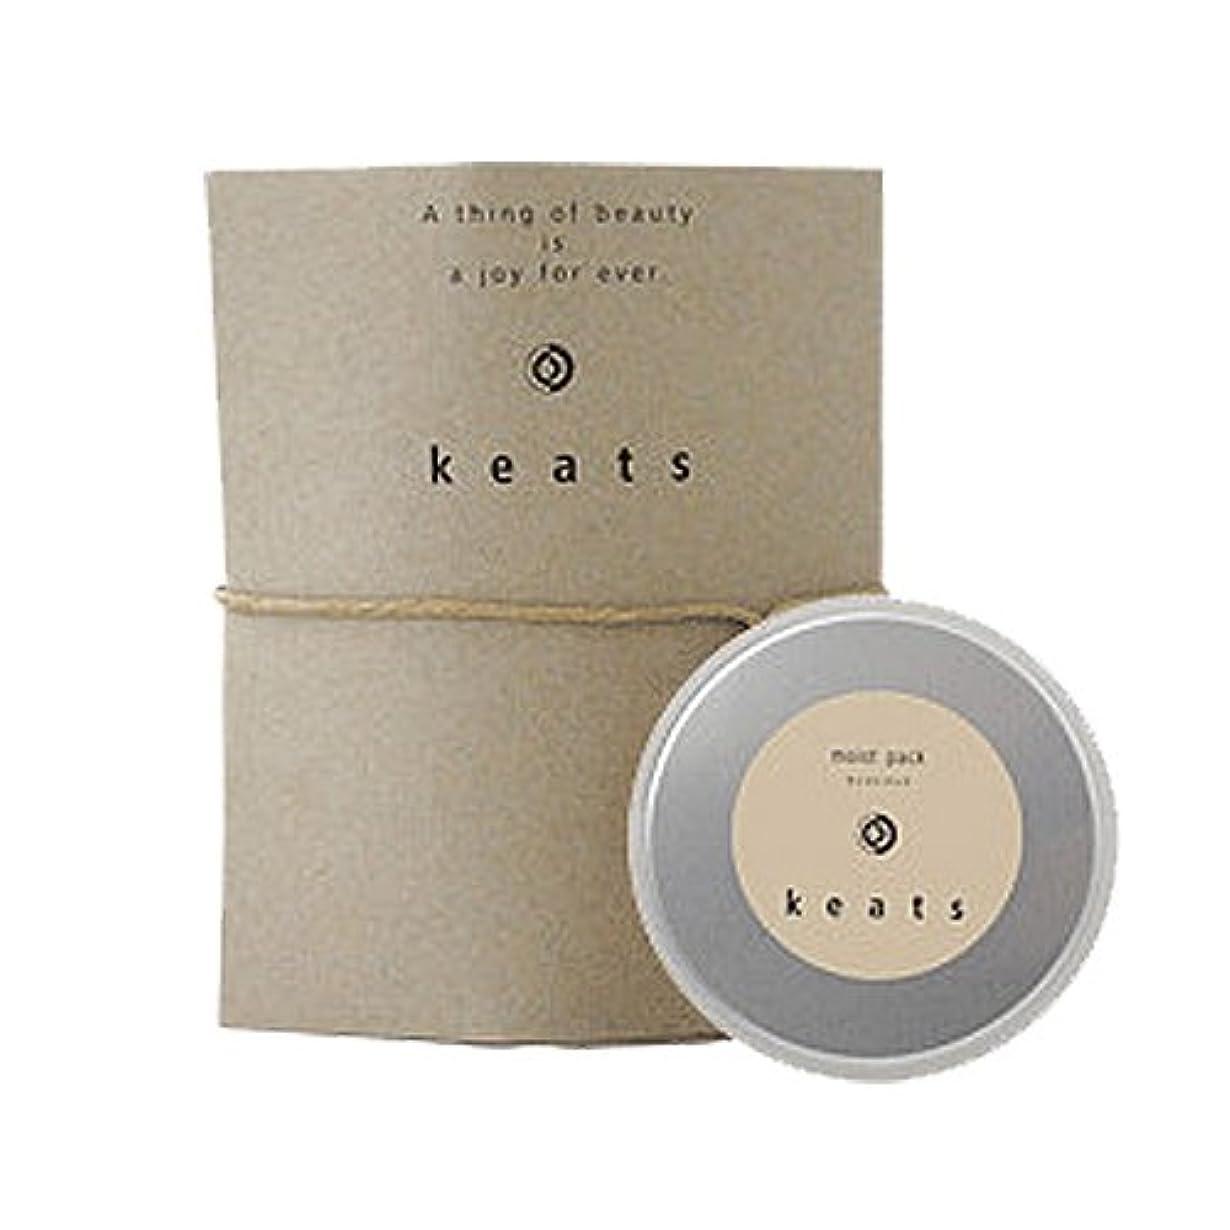 汚れる継続中ダイジェストキーツ(keats) モイストパック 80g[並行輸入品]